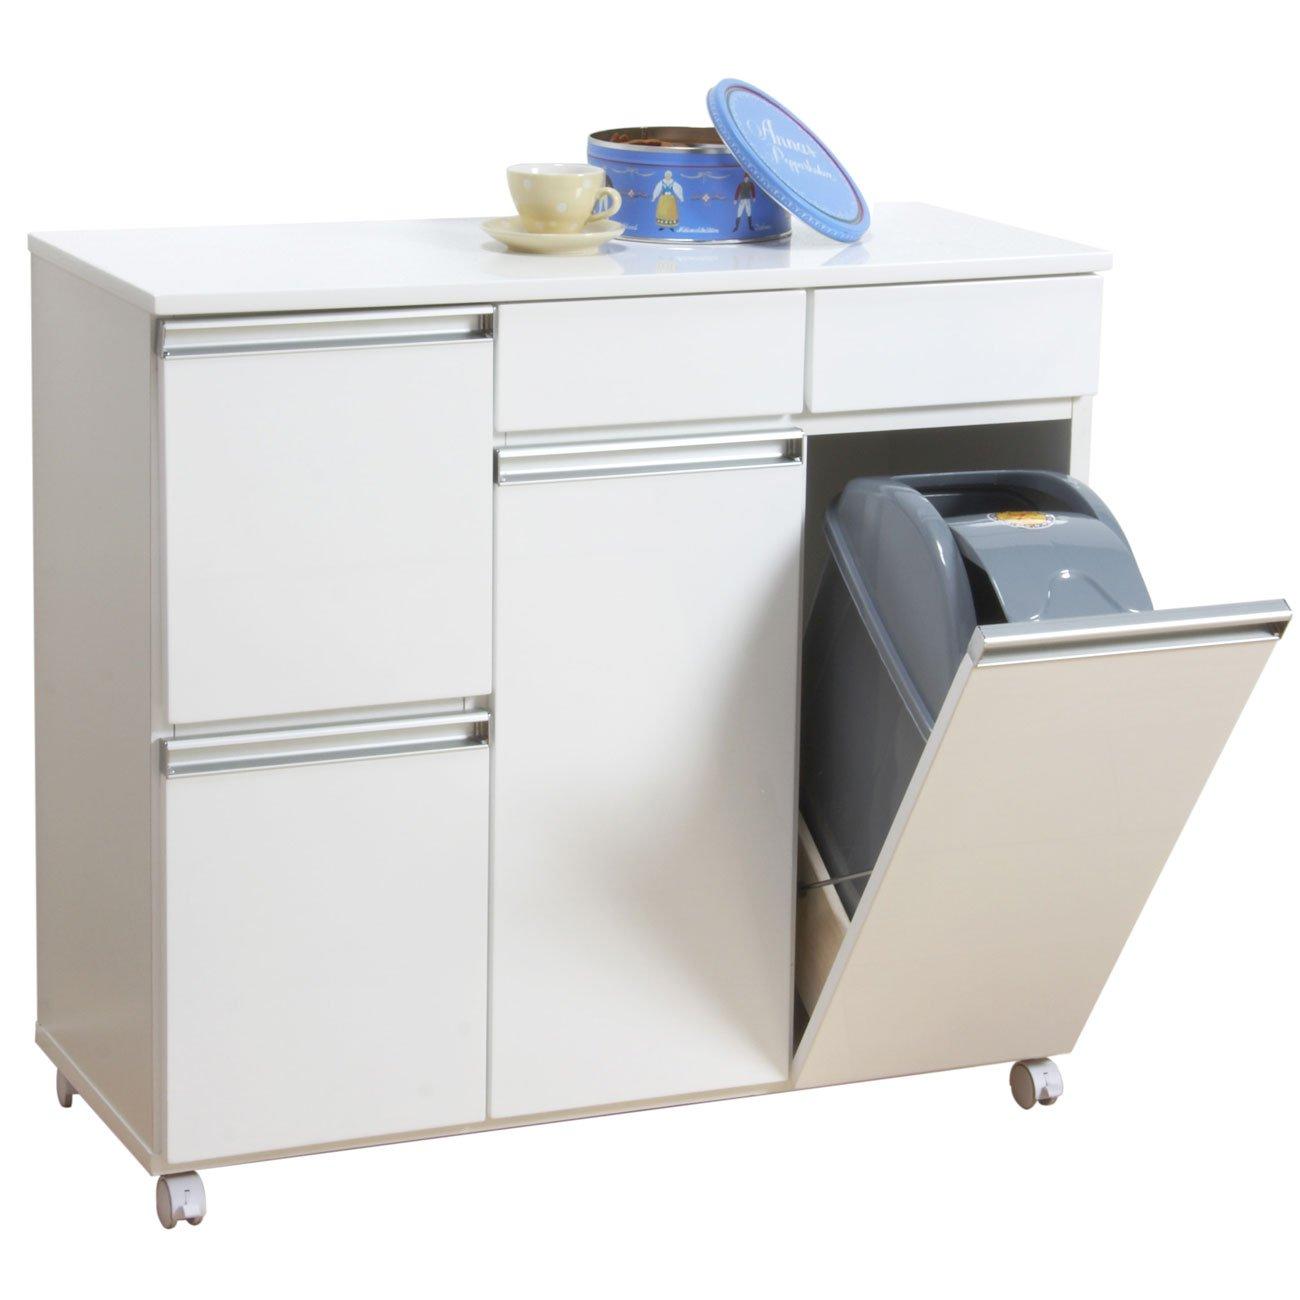 クロシオ ダイニングダストボックス4D ホワイト 幅82cm ゴミ箱 4分別ごみ箱 B002CJWNKW